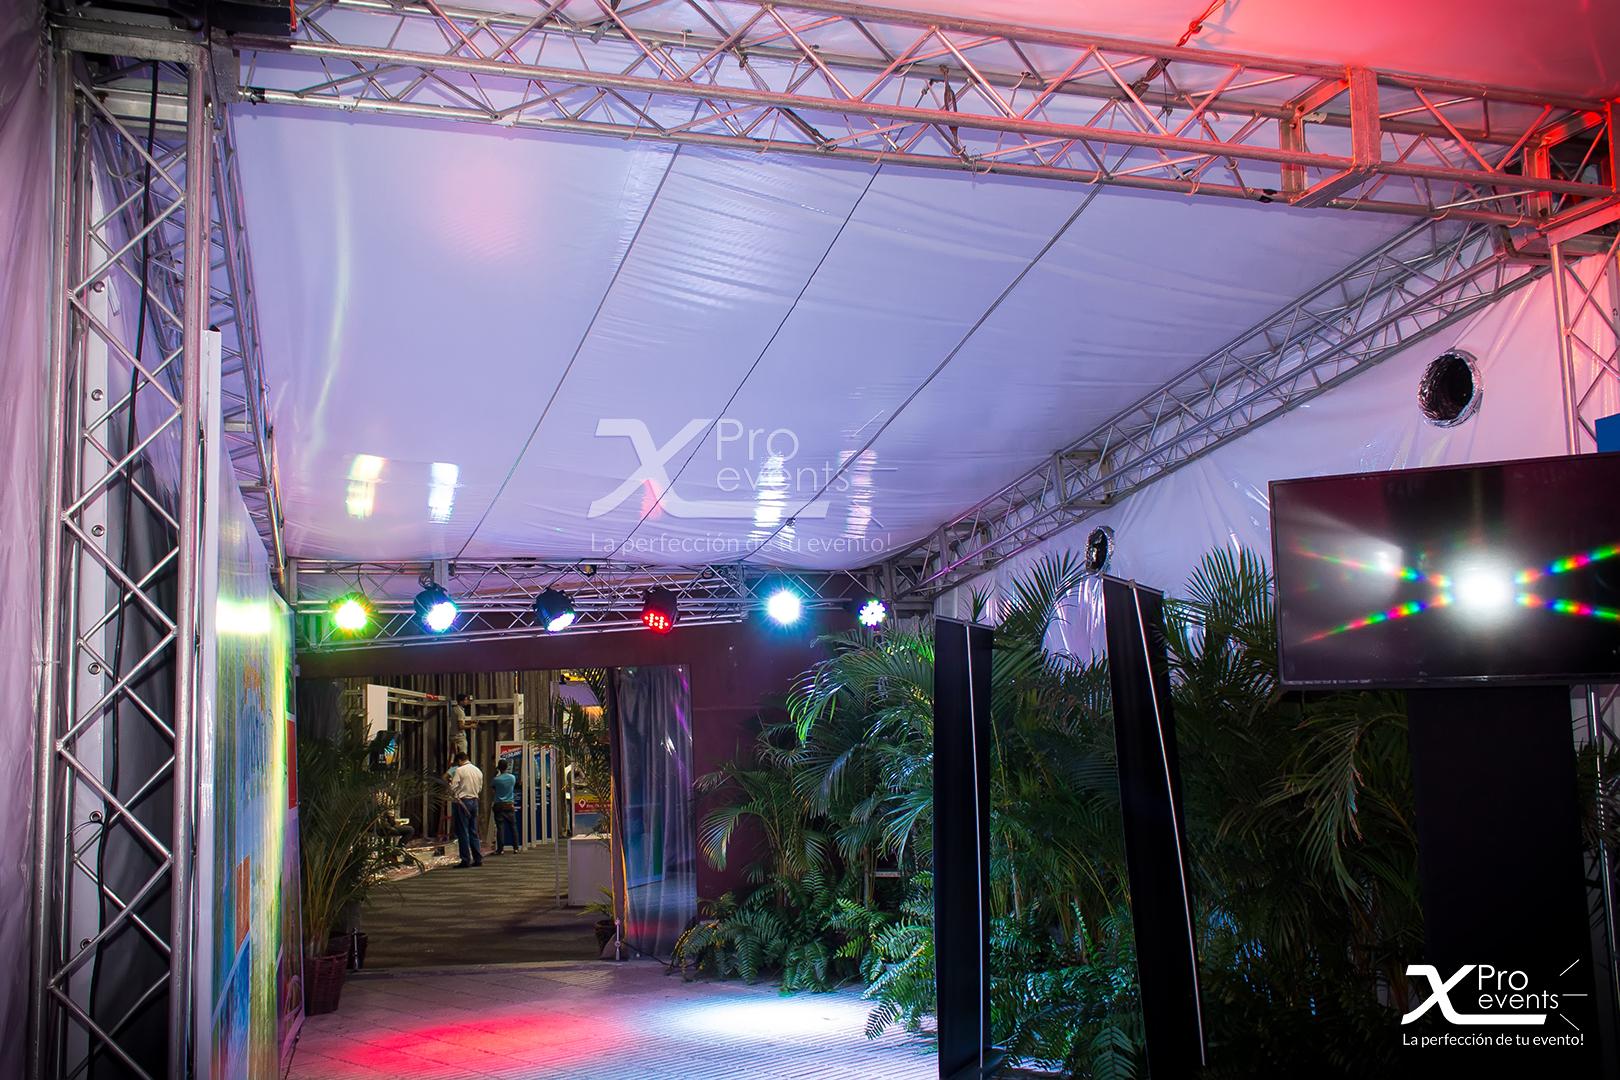 X Pro events - Estructuras y techos con truss de aliminio